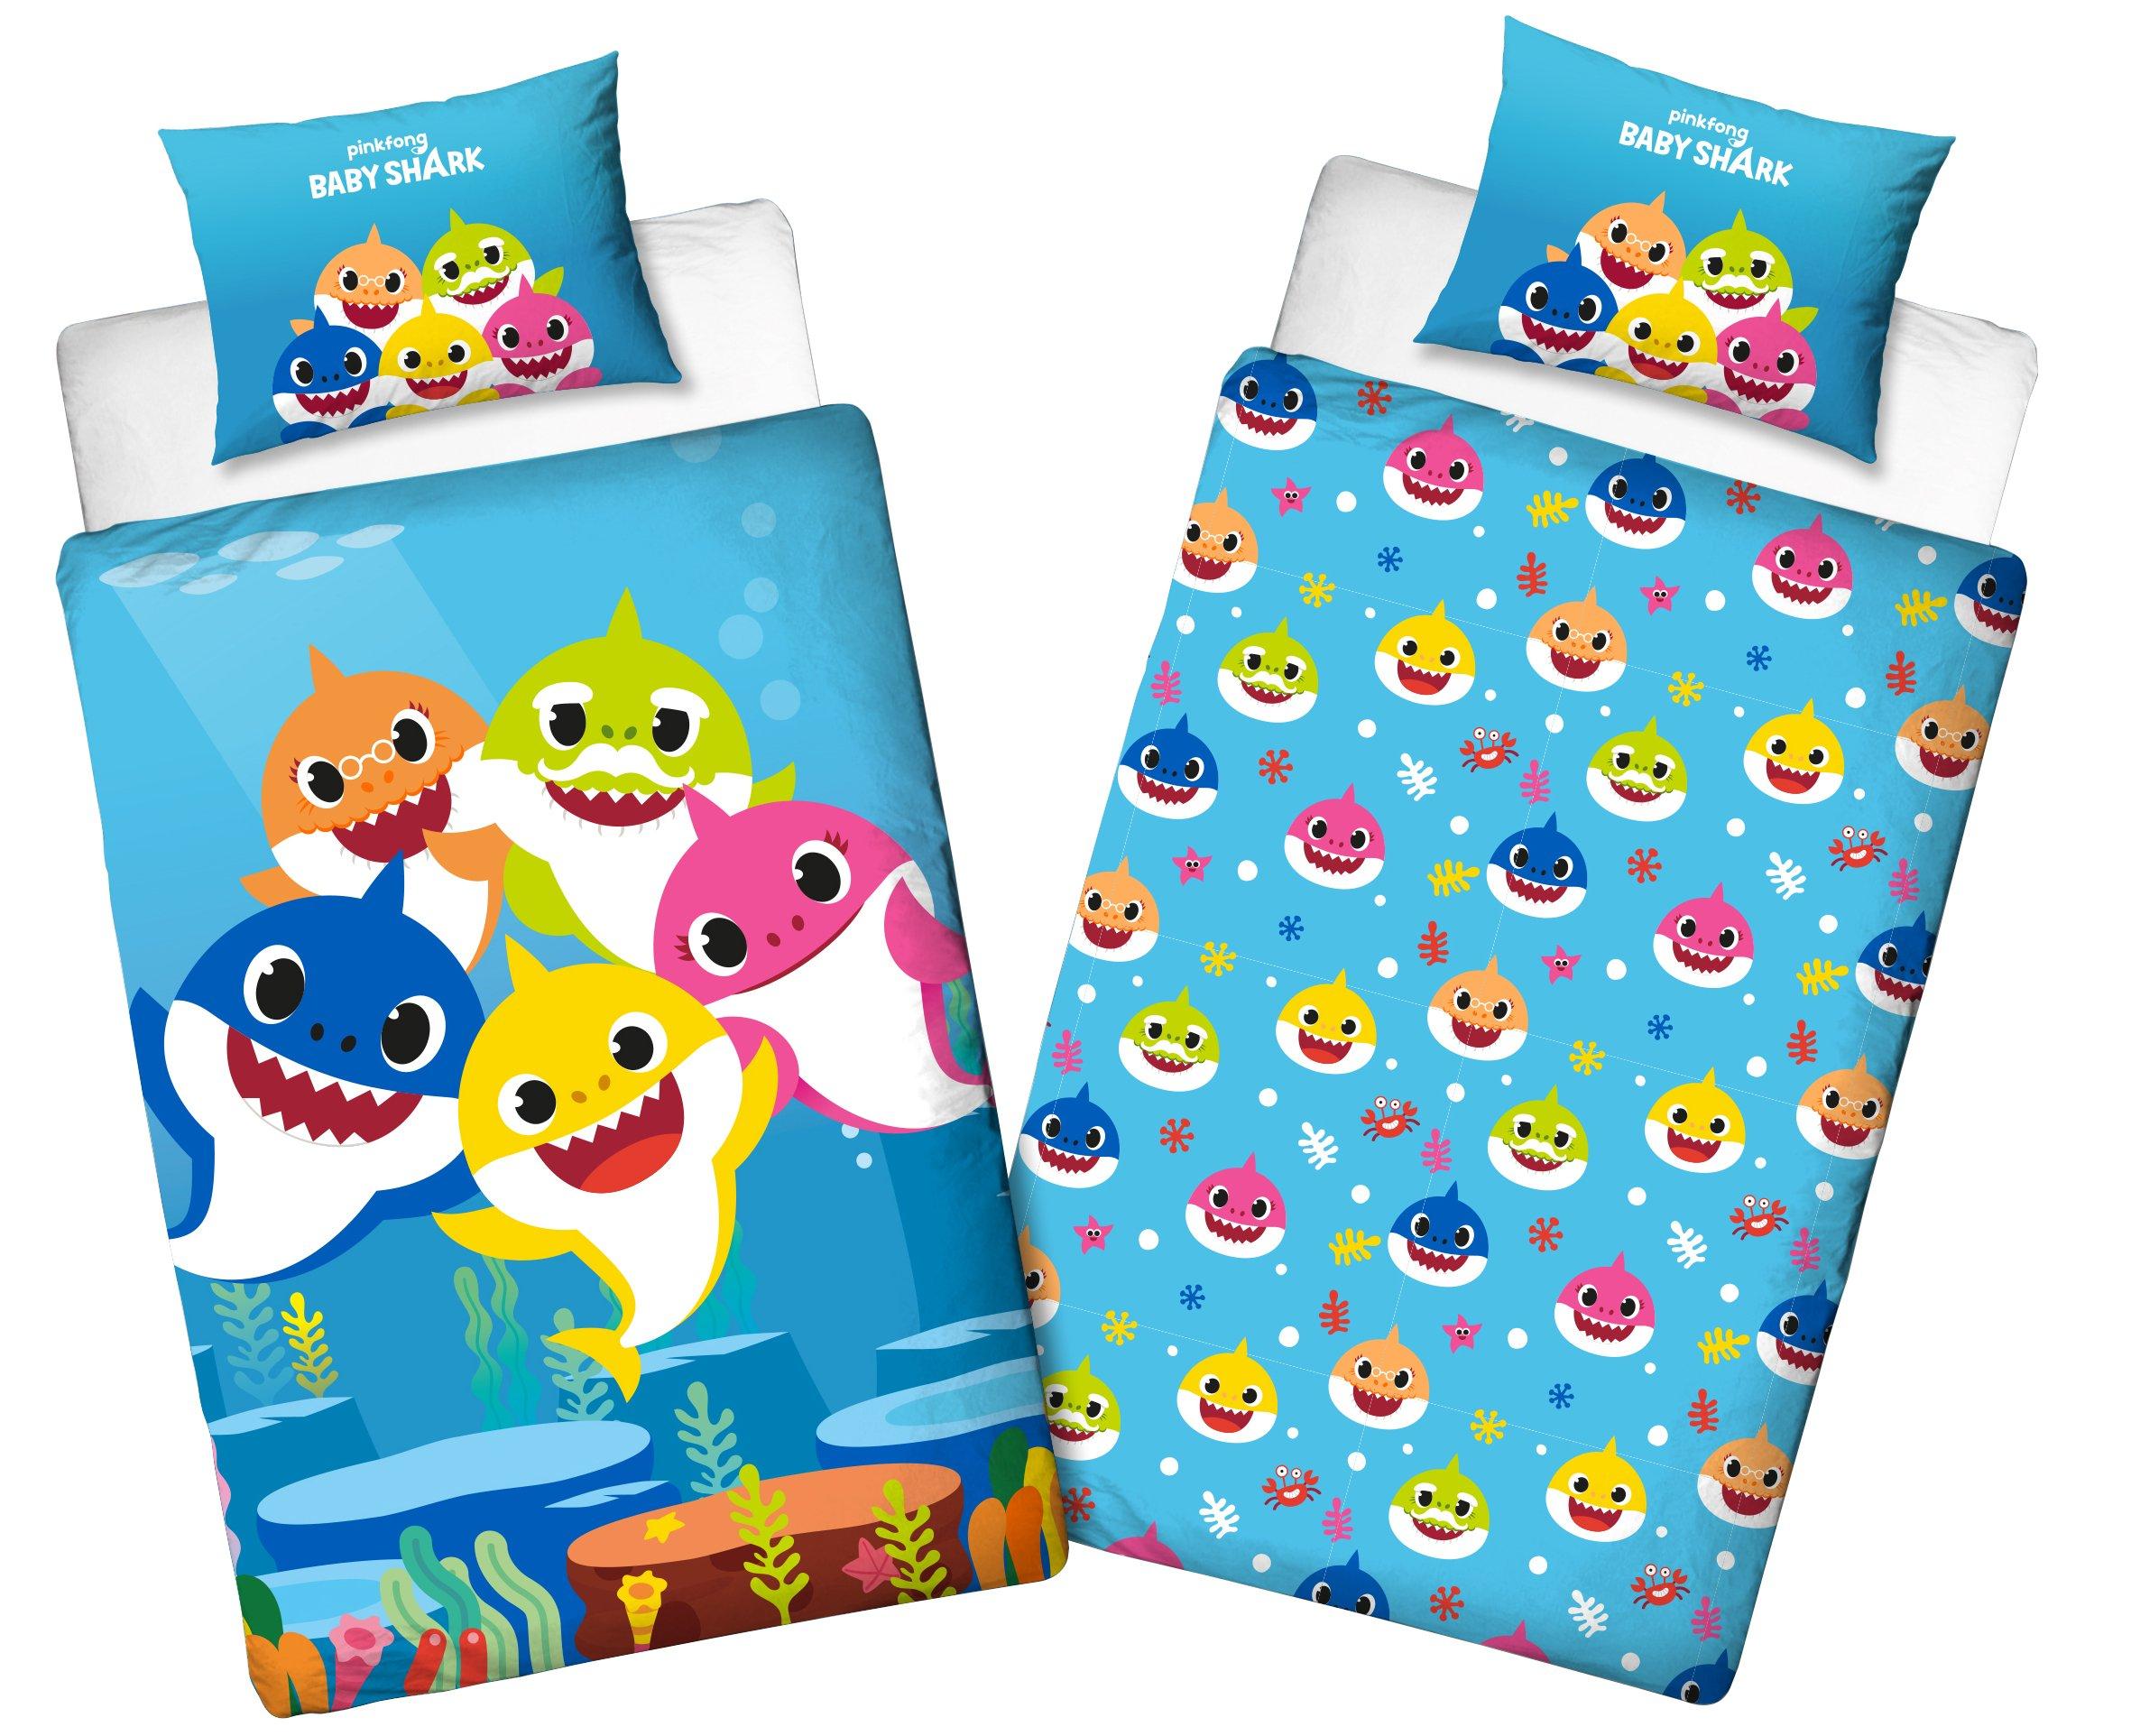 Bed Linen, Baby Shark, Junior Size Bettwäsche, Kinderbettwäsche